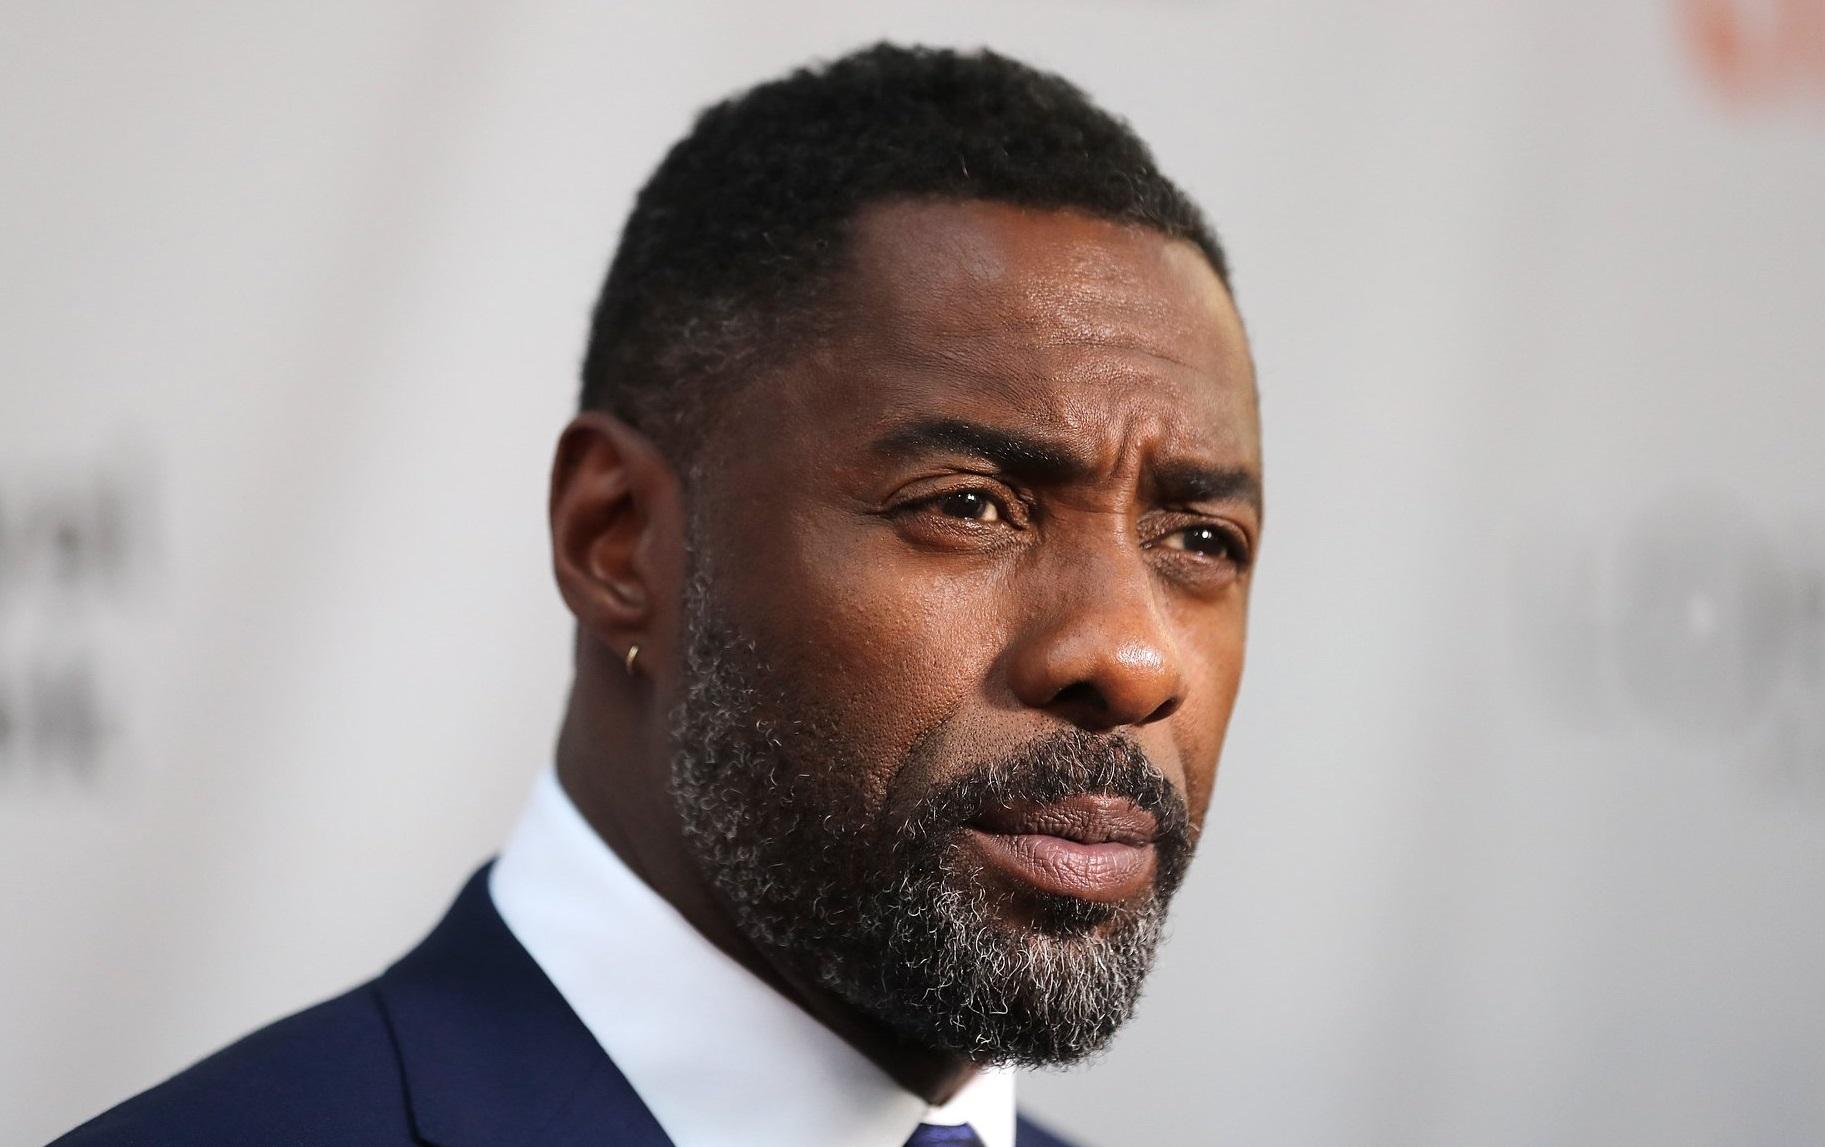 Artiștii îndeamnă Hollywoodul să se implice în lupta împotriva discriminării rasiale